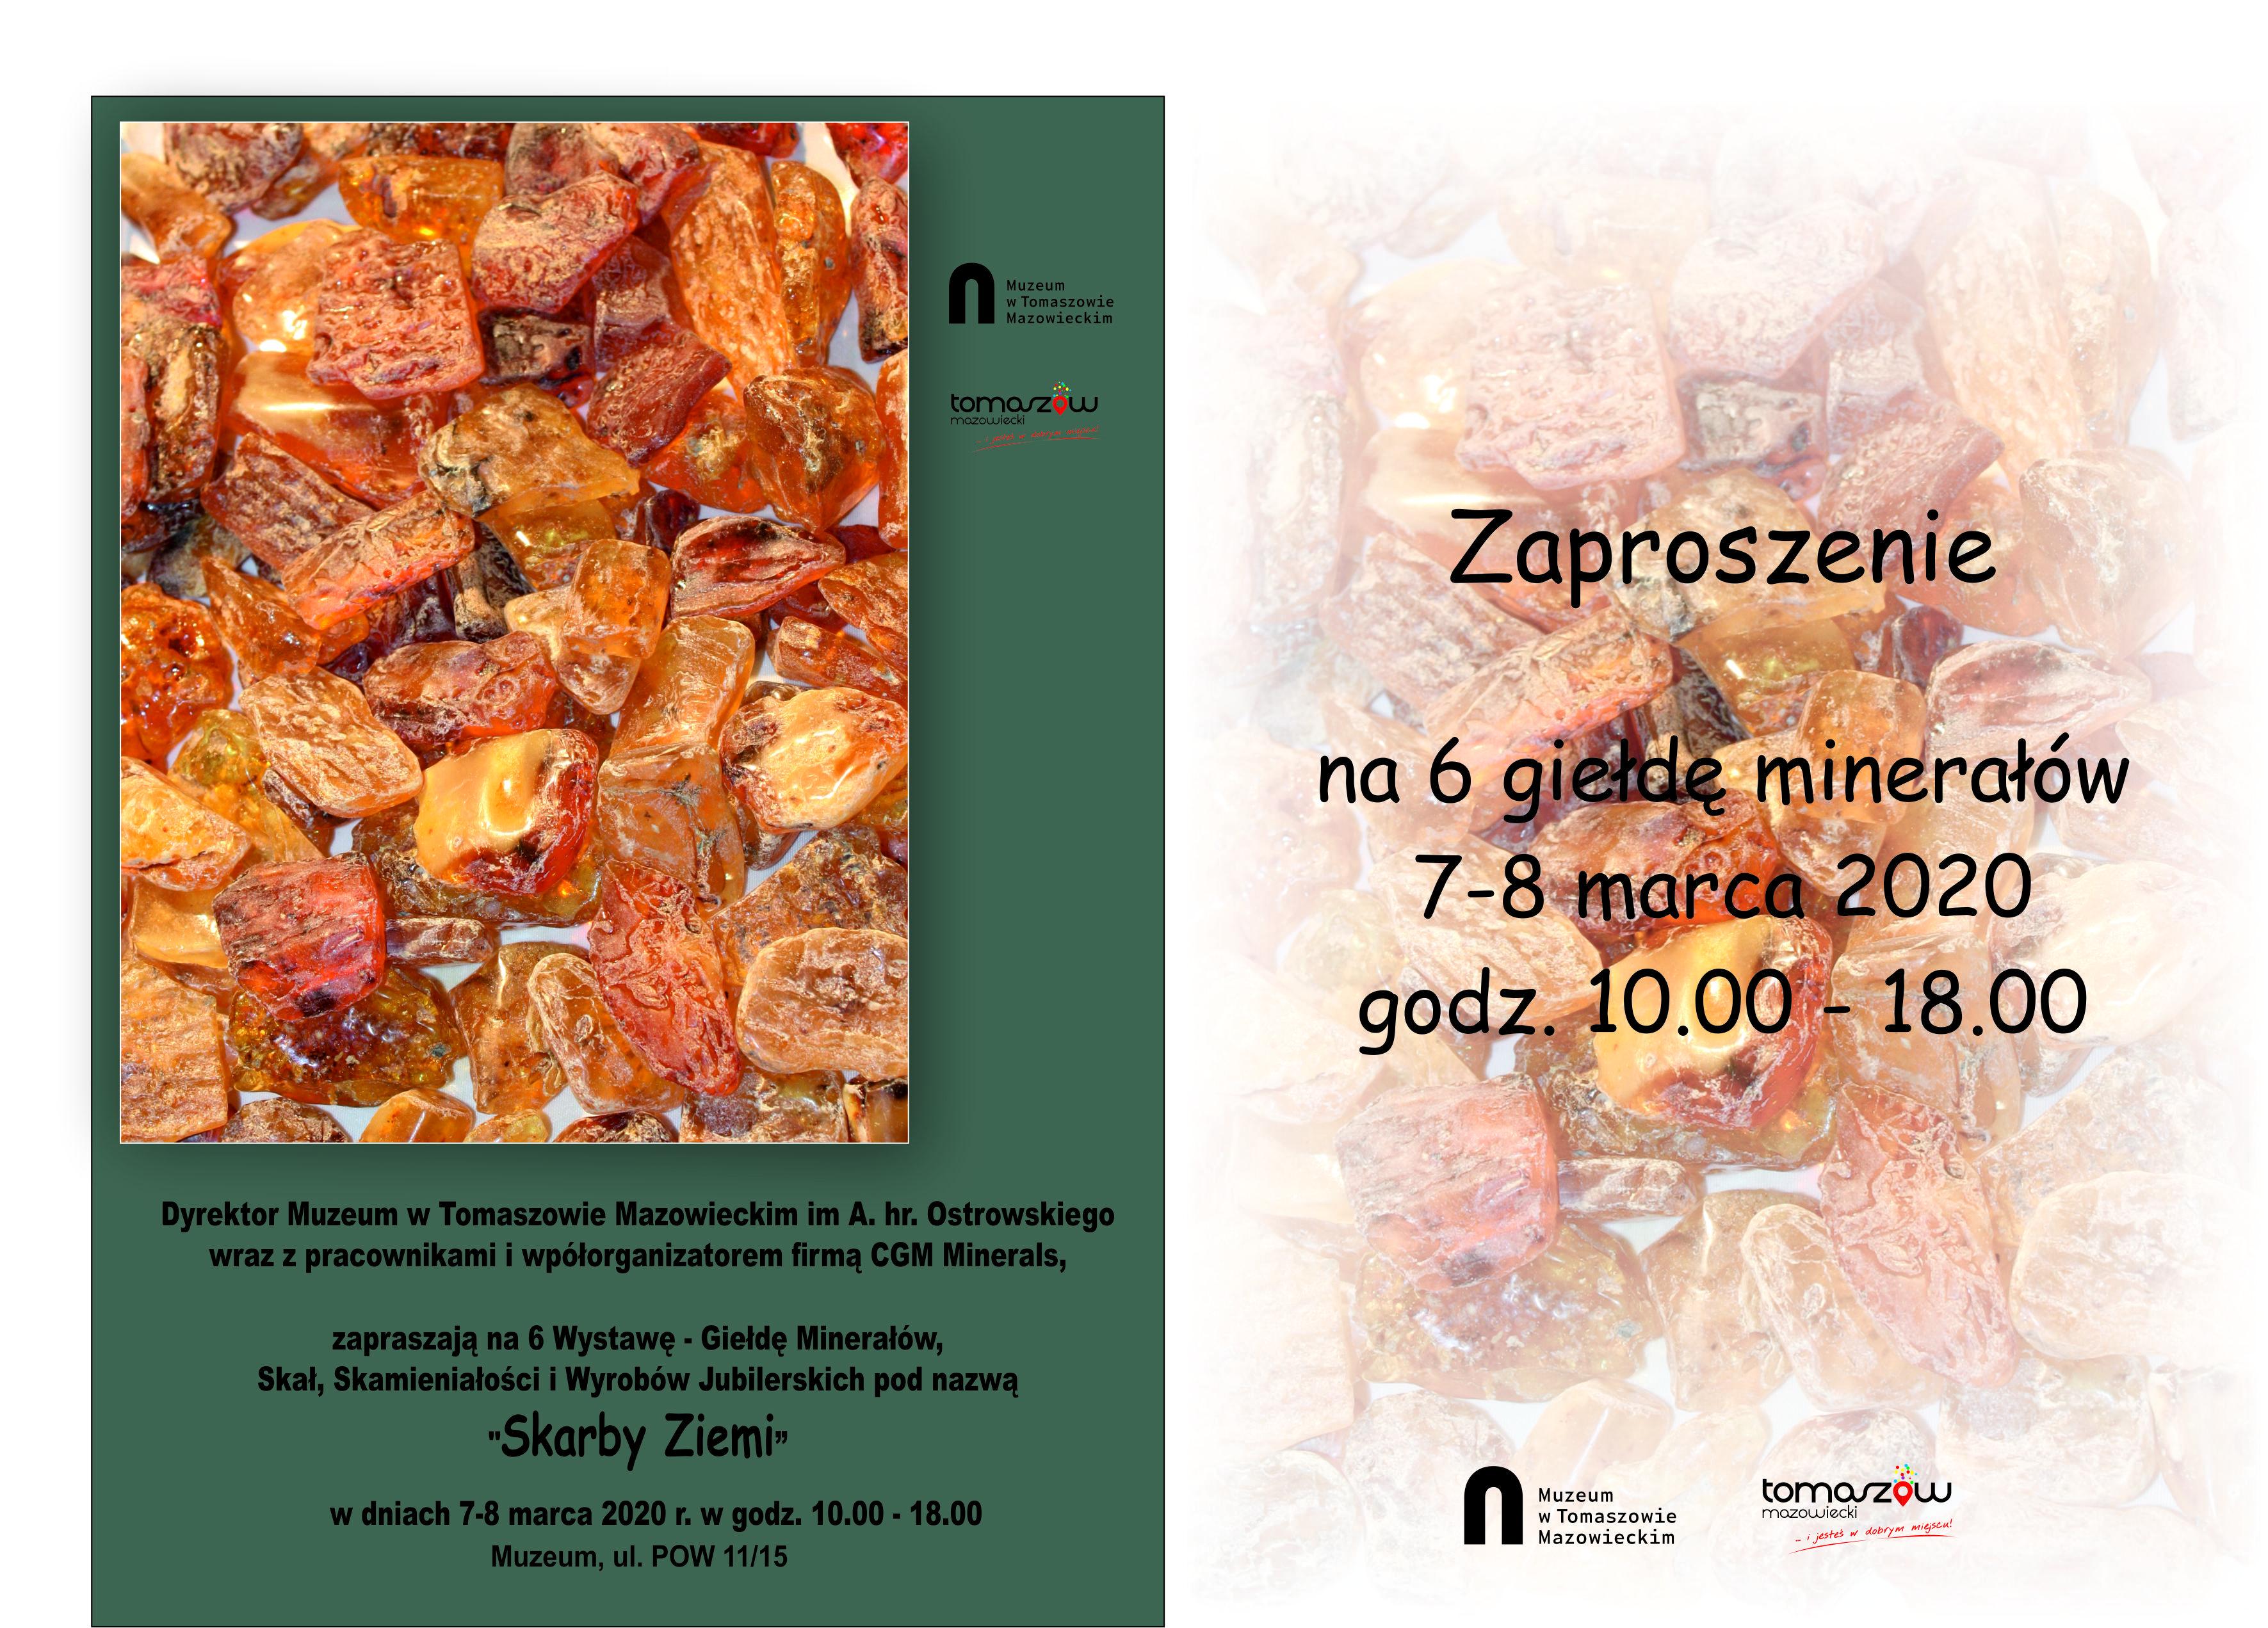 giełda minerałów w muzeum plakat